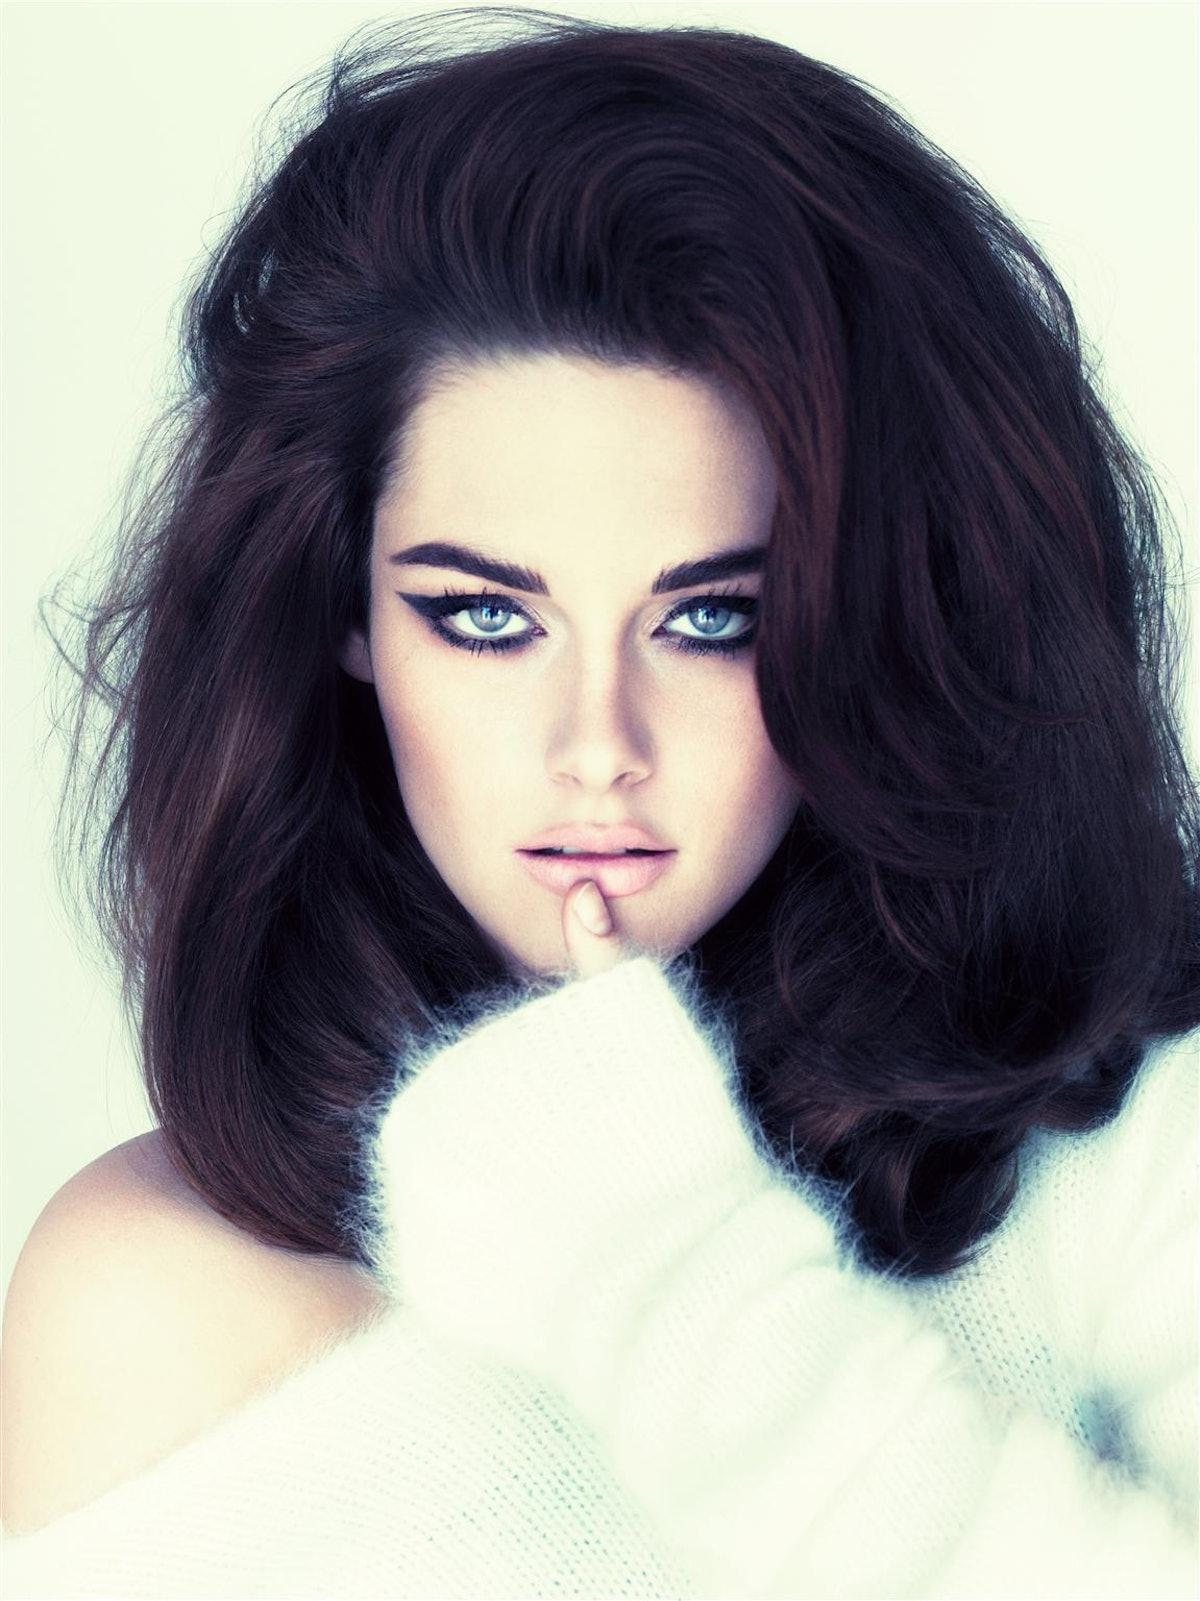 Kristen-Stewart-W-Magazine-Photoshoot-2011.jpg